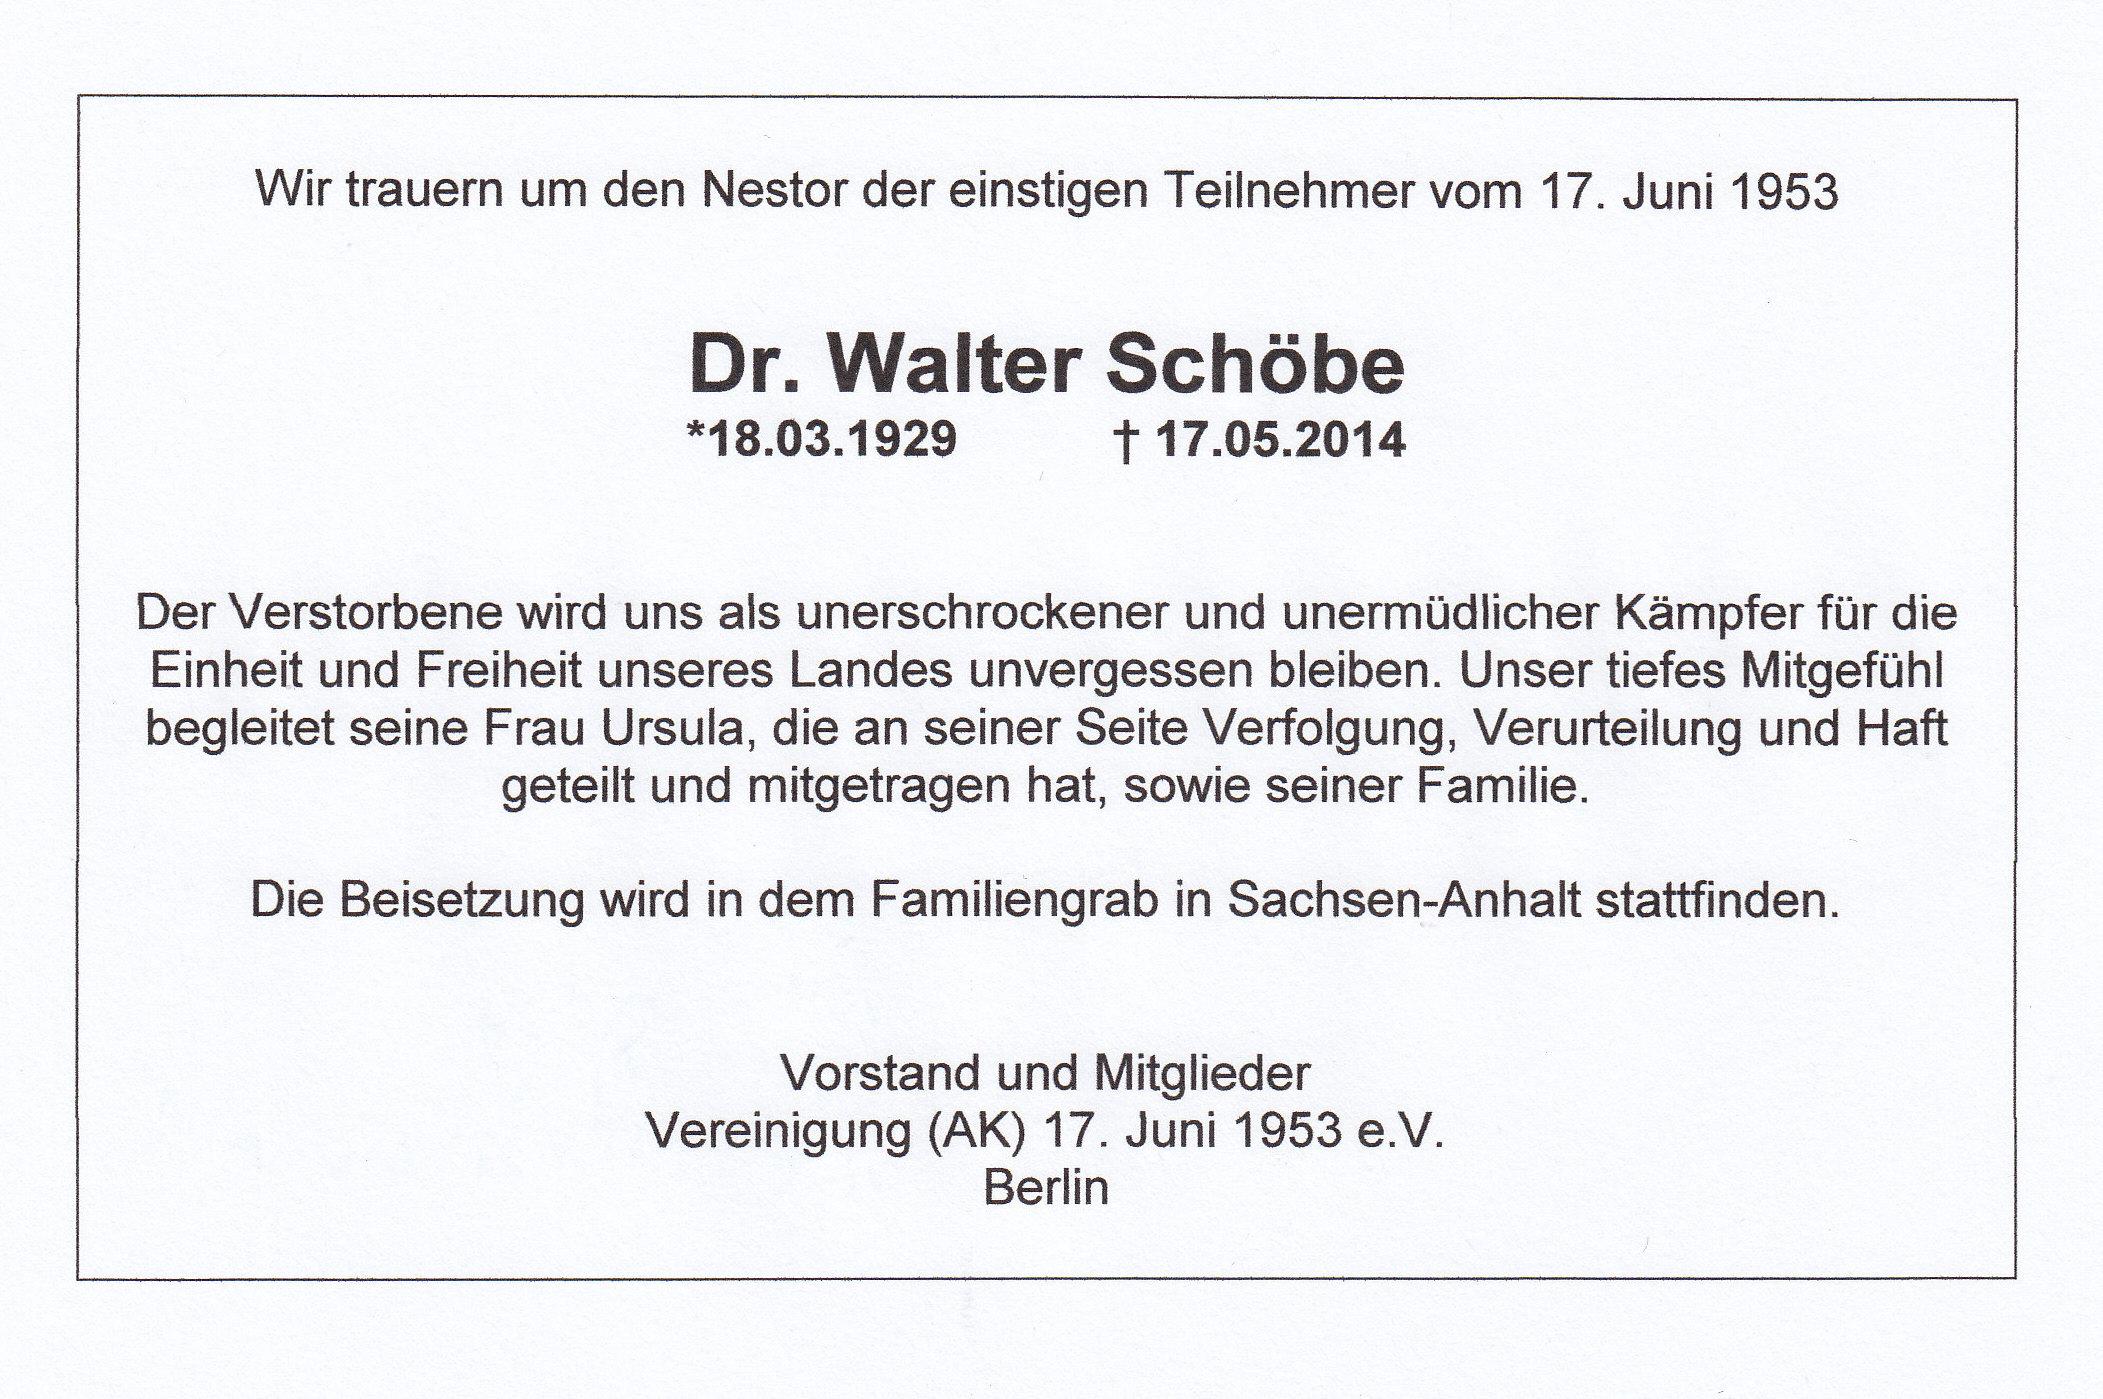 walter sch be vereinigung 17 juni 1953 e v